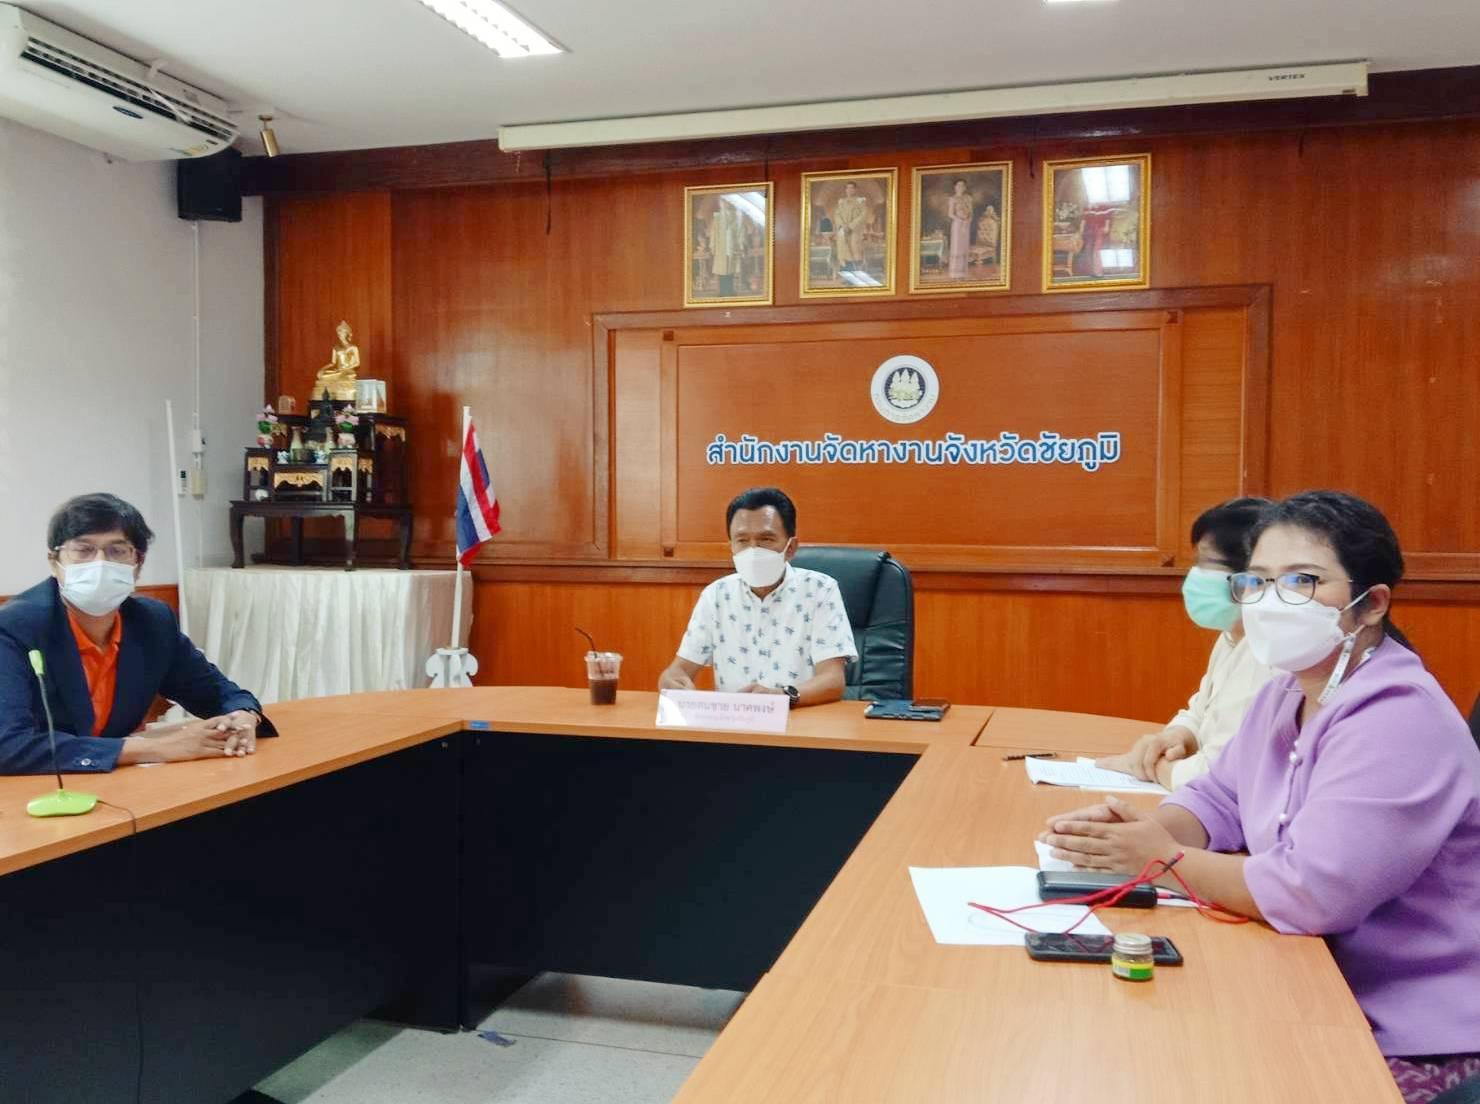 ประชุมการส่งเสริมการจ้างแรงงานไทยทดแทนแรงงานต่างด้าว